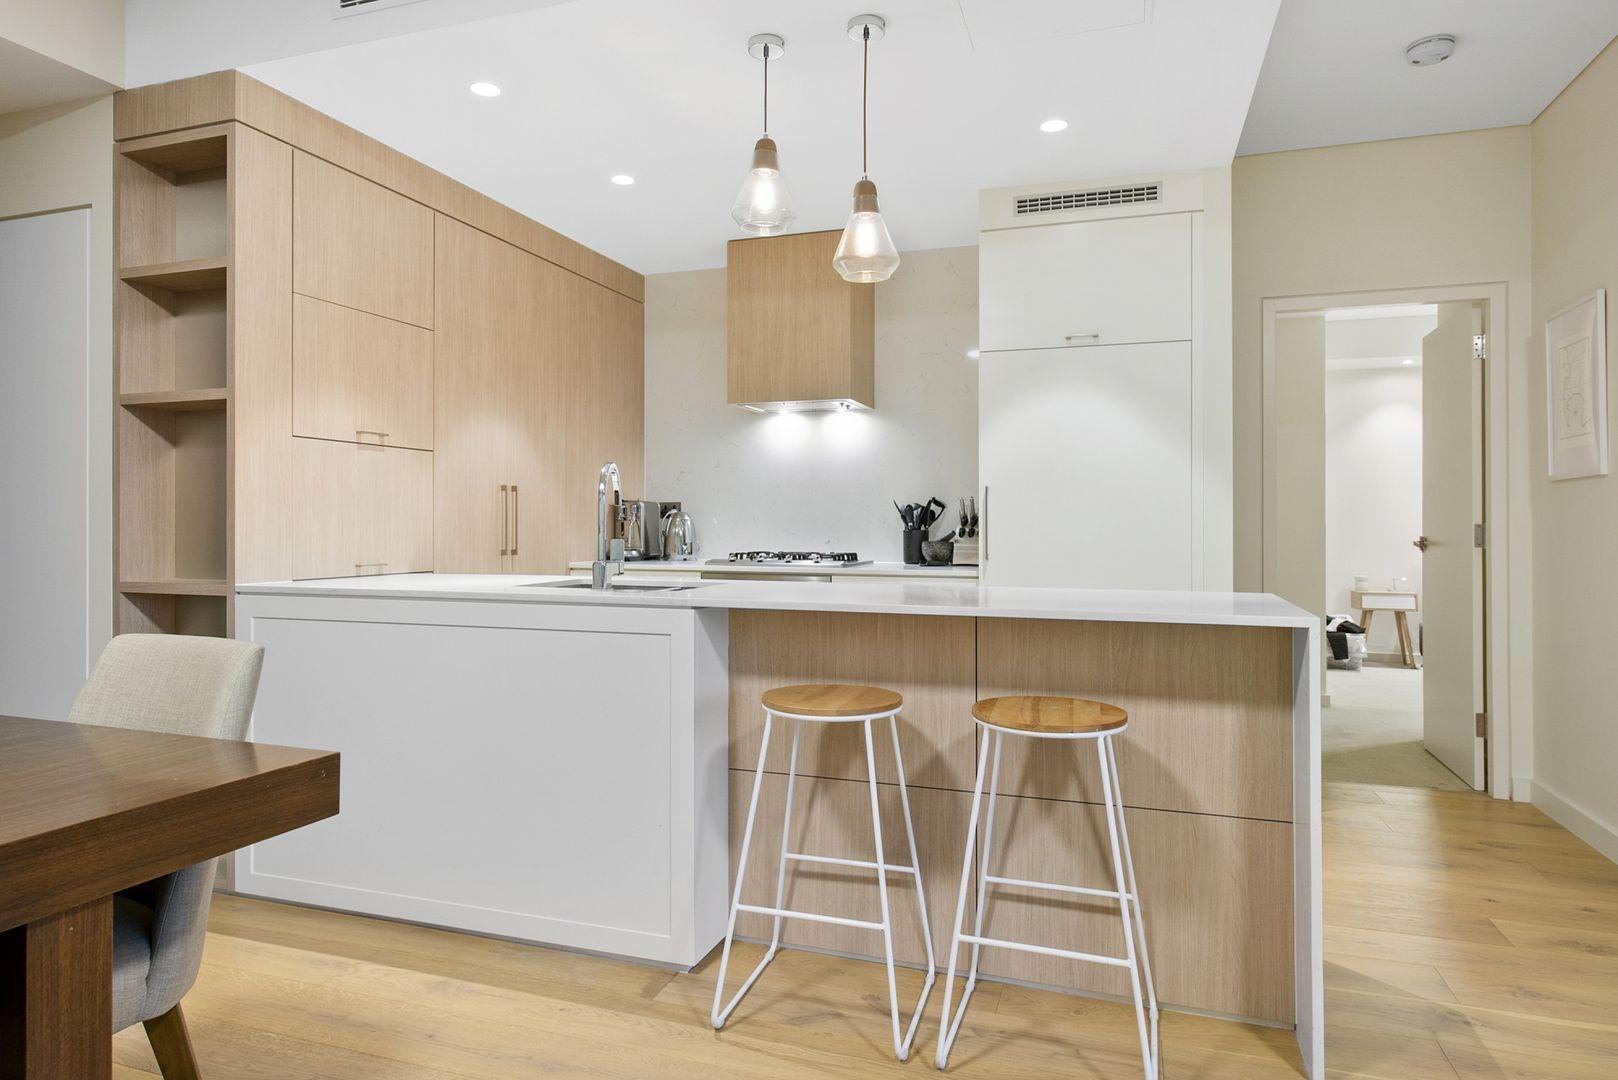 204/19 Turramurra Avenue, Turramurra NSW 2074, Image 2